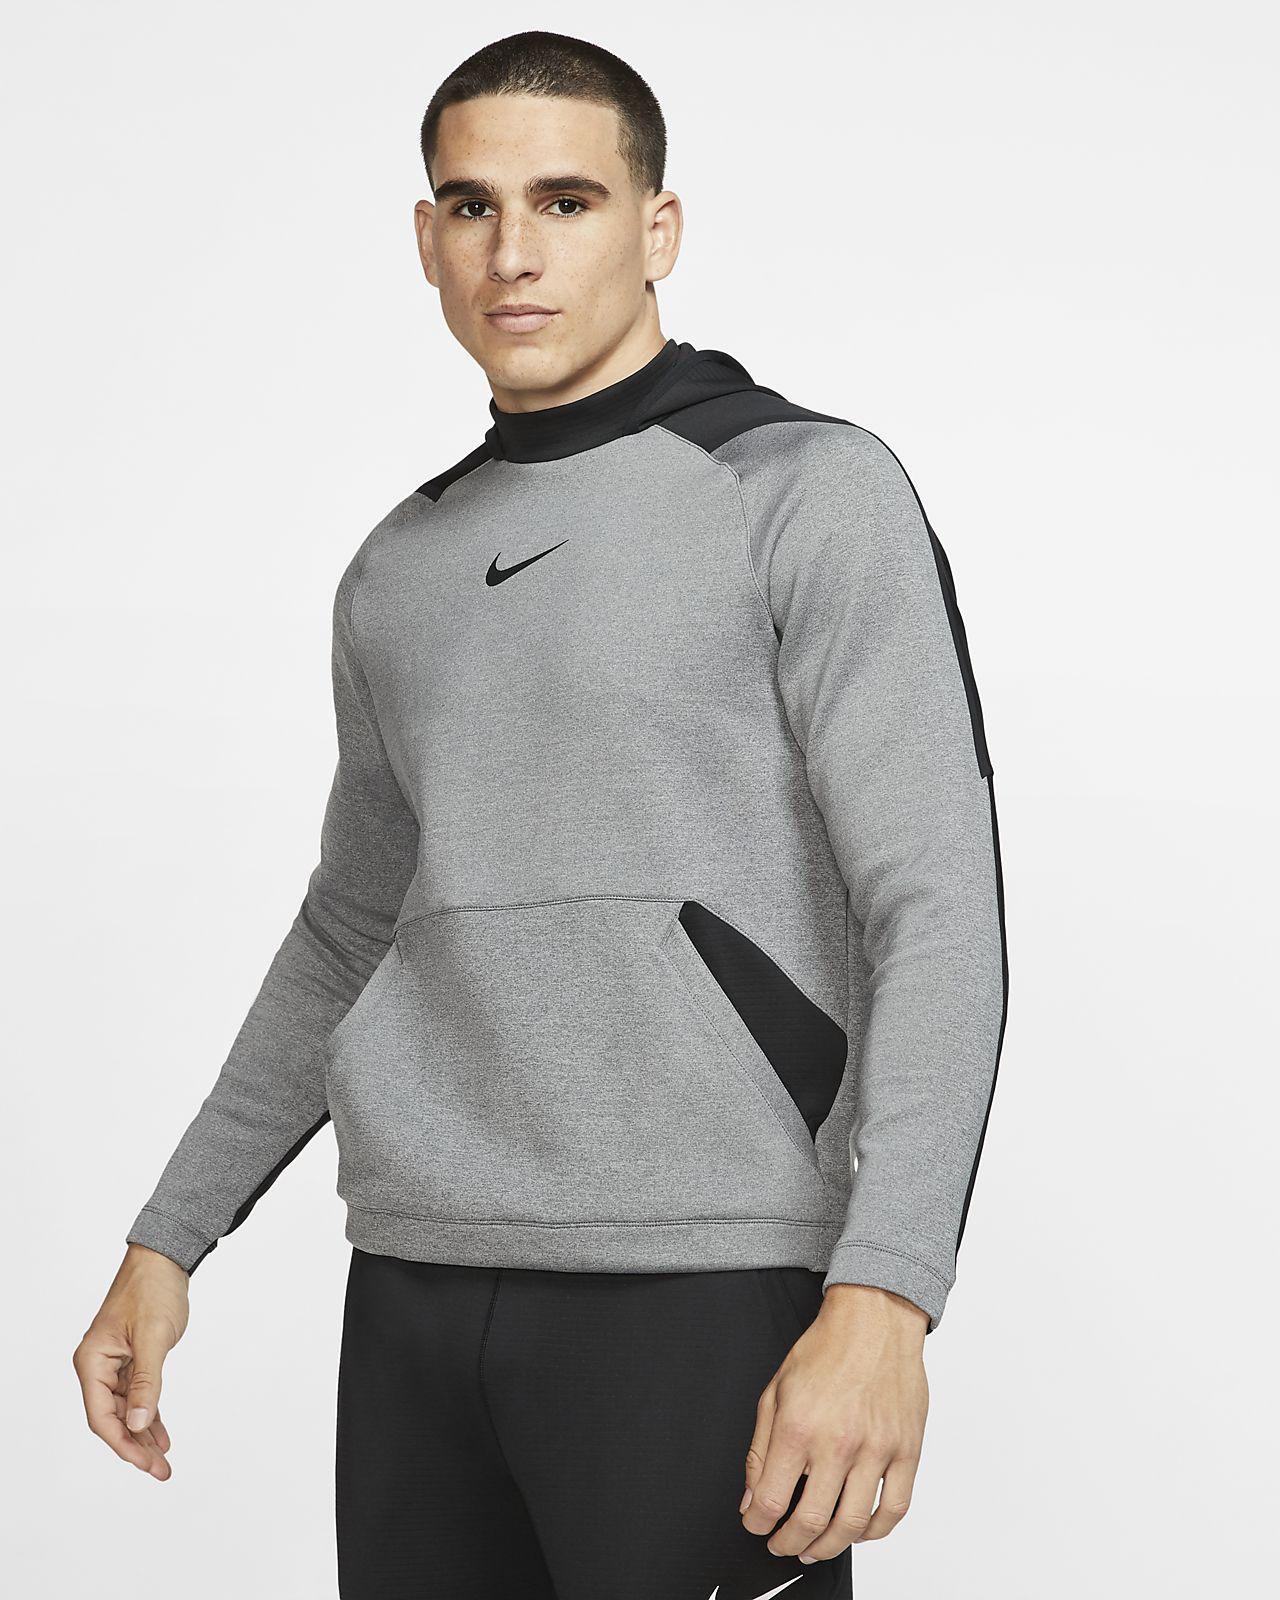 Nike Pro Dessuadora amb caputxa de teixit Fleece - Home